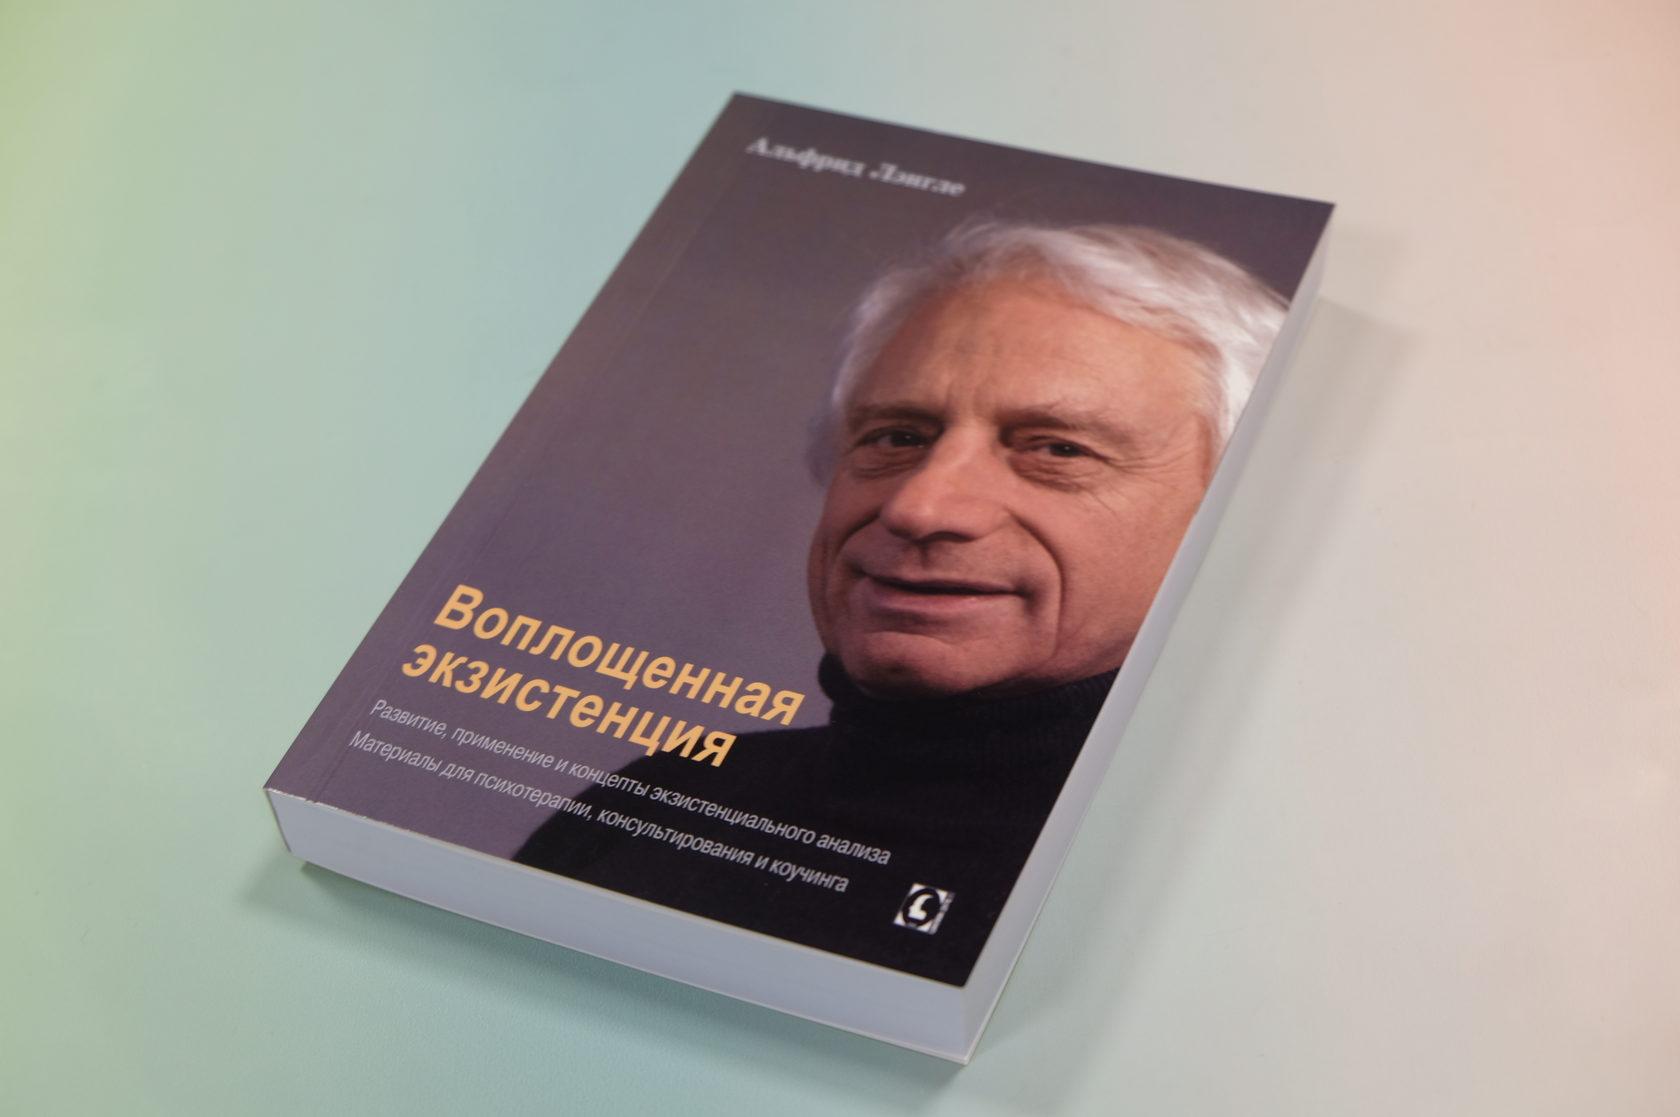 Альфрид Лэнгле «Воплощенная экзистенция. Развитие, применение и концепты экзистенциального анализа»